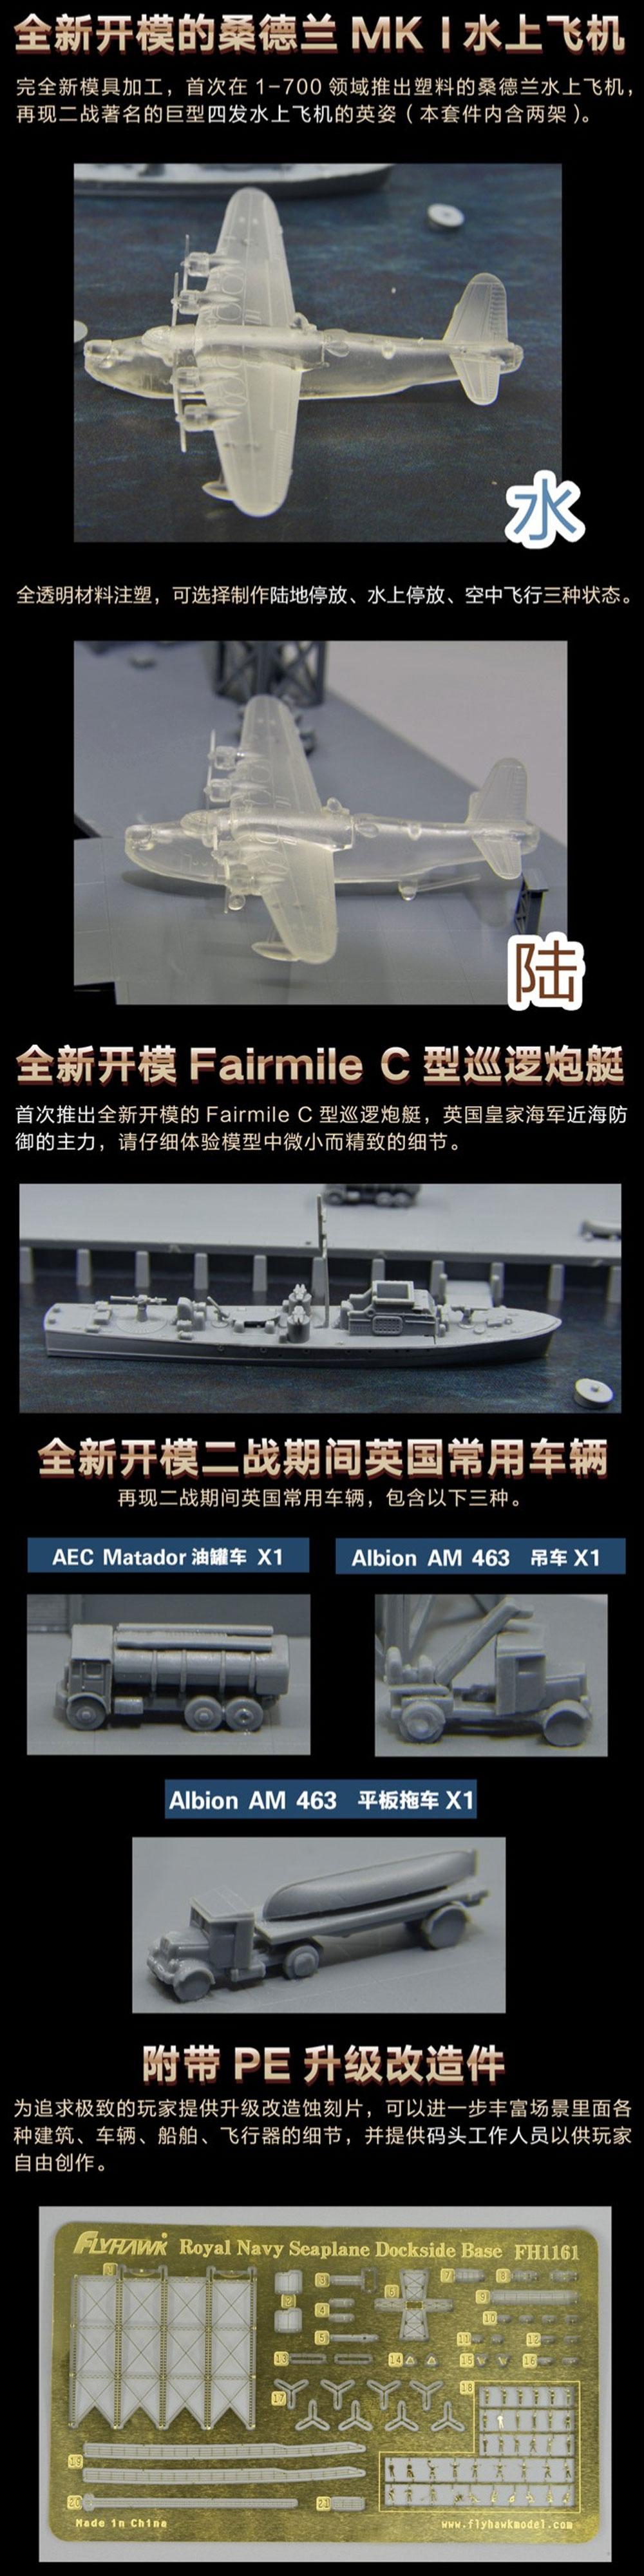 イギリス海軍 水上機基地プラモデル(フライホーク1/700 艦船No.FH1161)商品画像_3